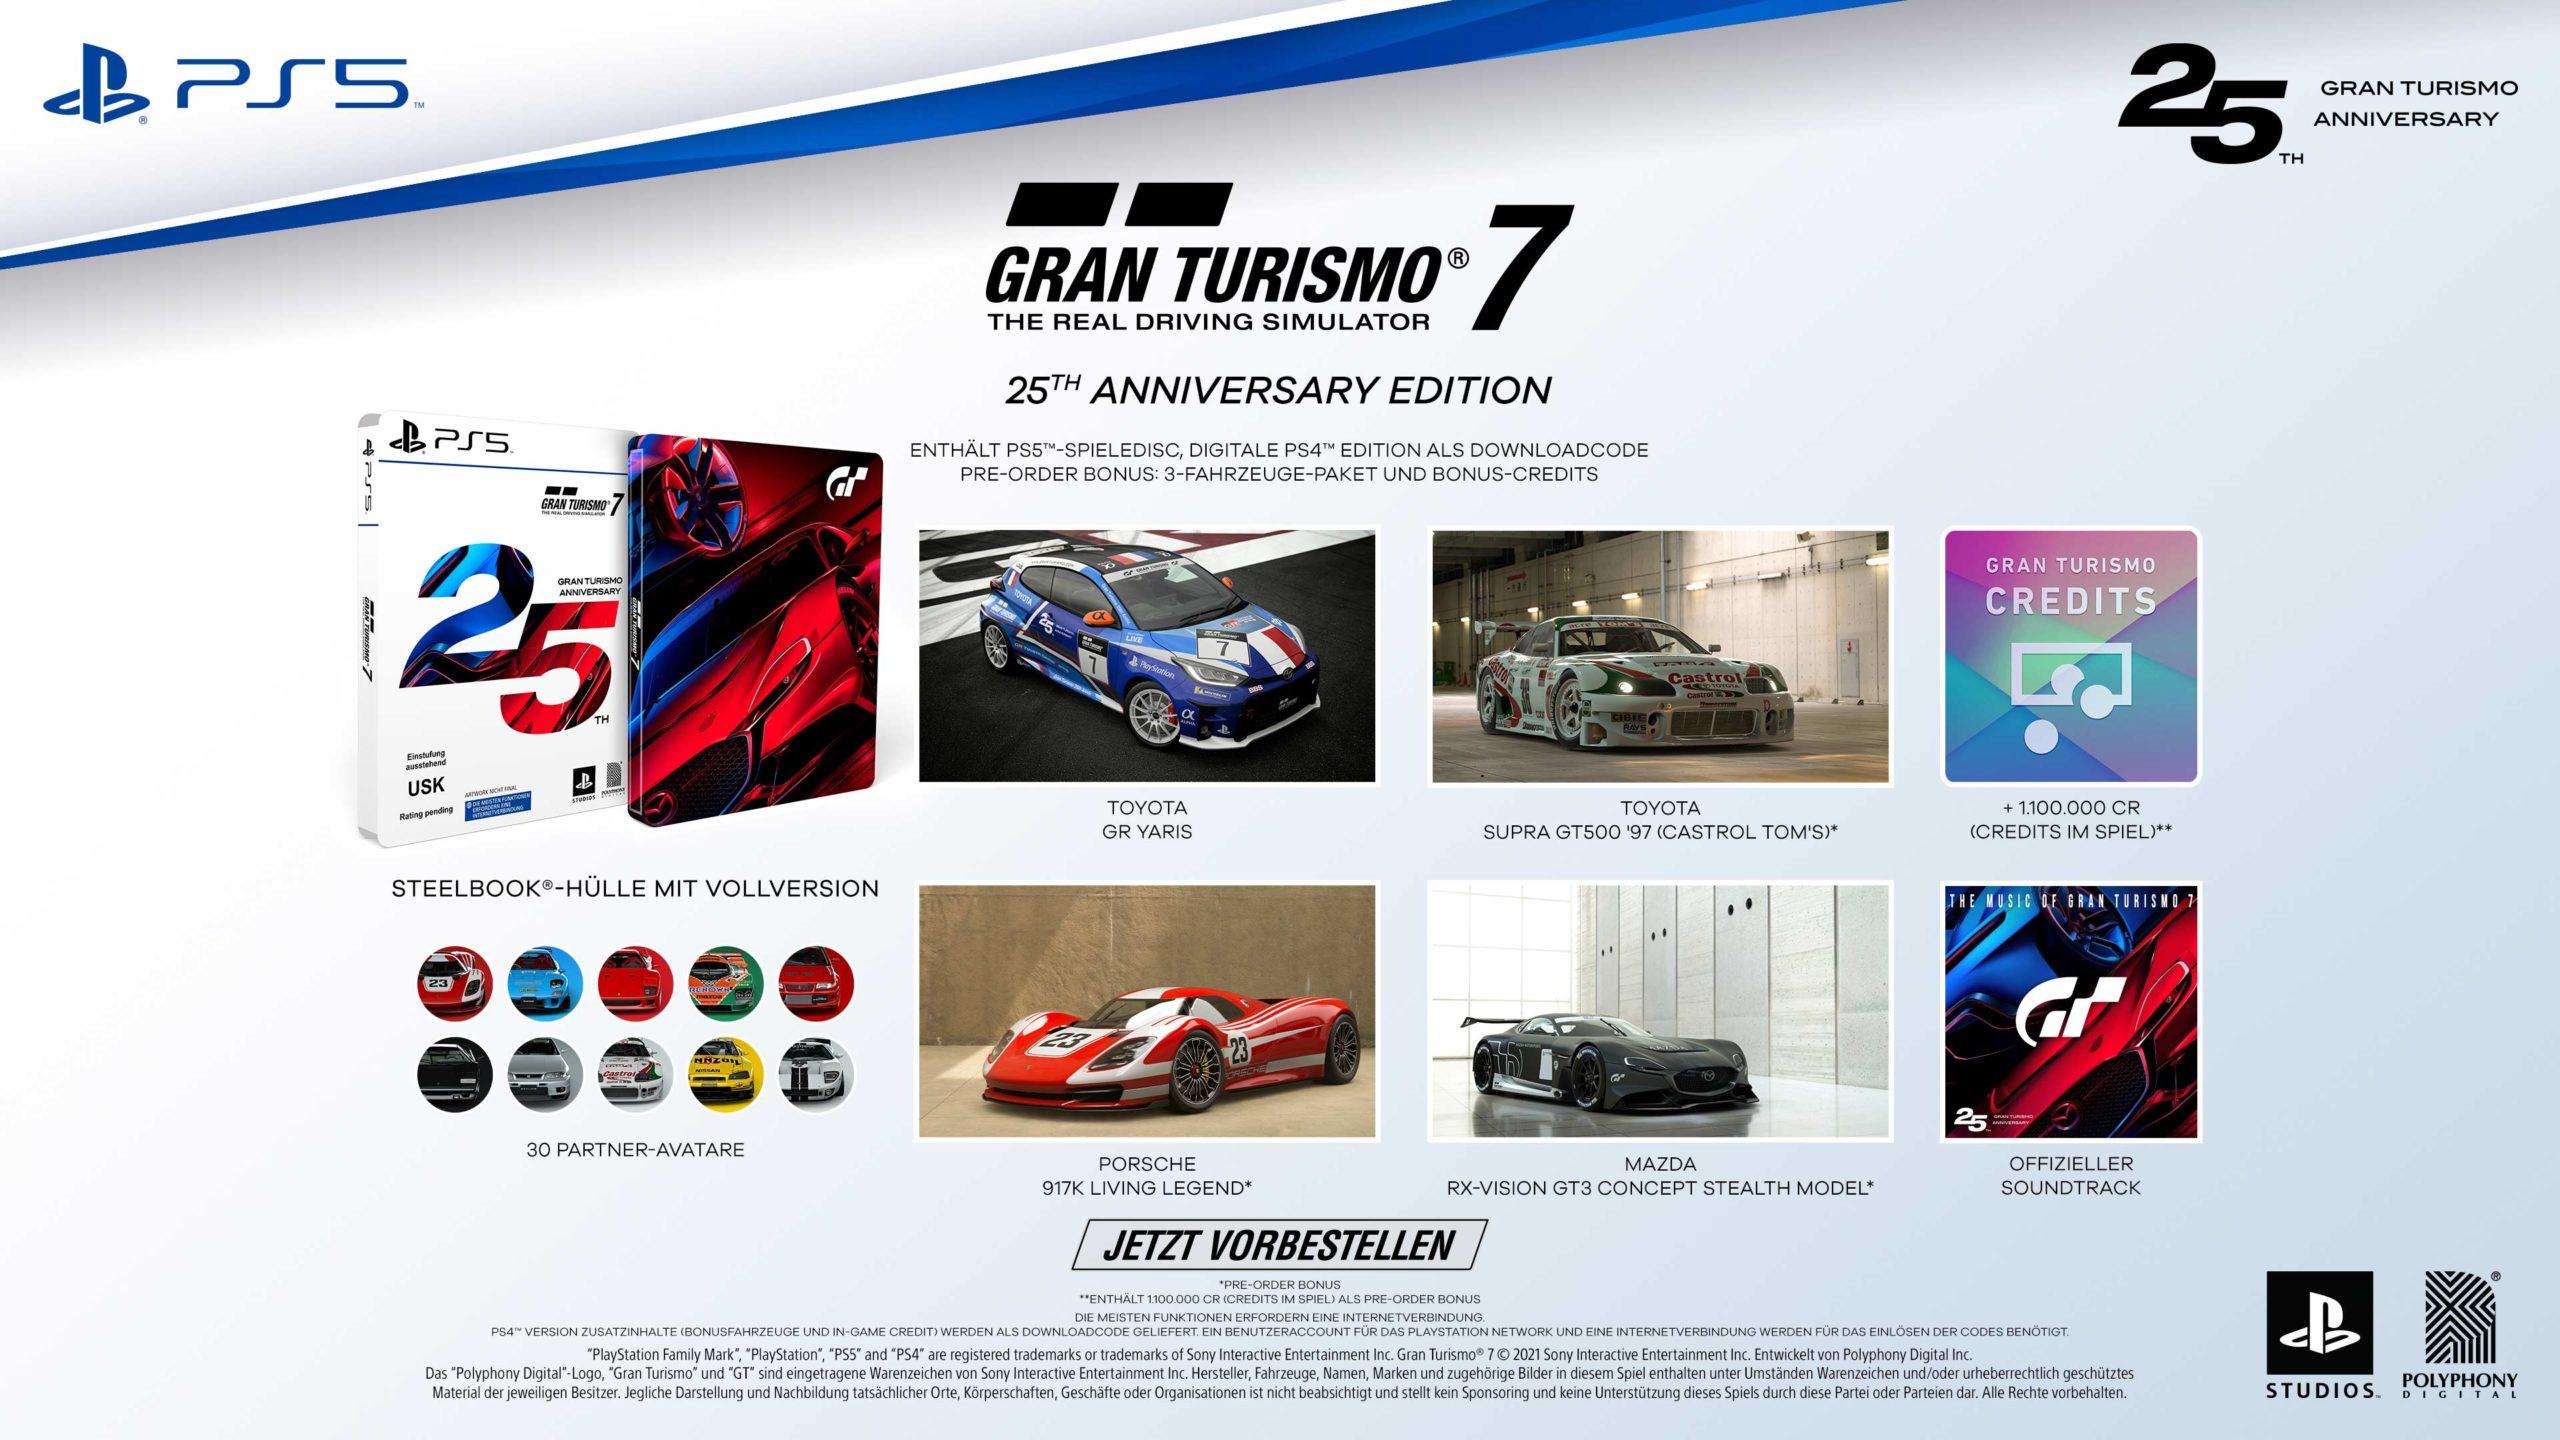 25th Anniversary Edition von Gran Turismo 7 für PS5 und PS4. - (C) PlayStation Studios